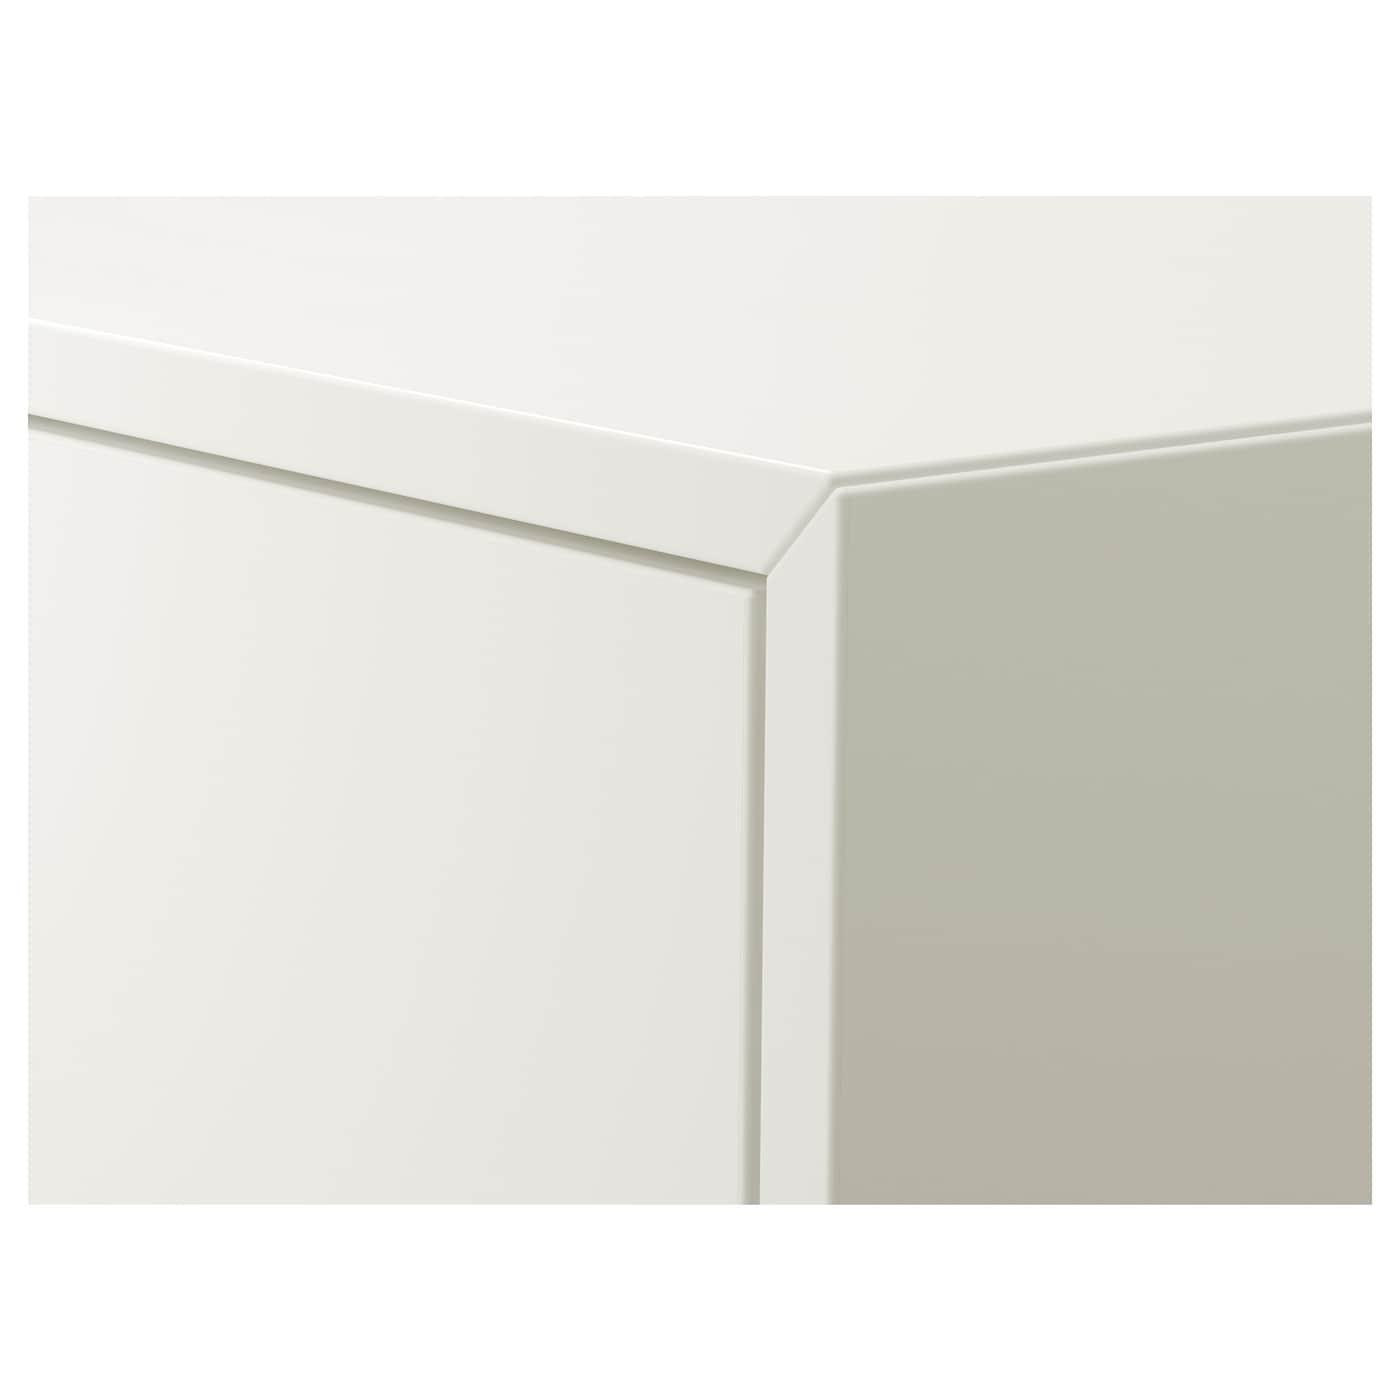 EKET rangement 2 tiroirs blanc 70 cm 35 cm 35 cm 63 cm 28 cm 3 kg